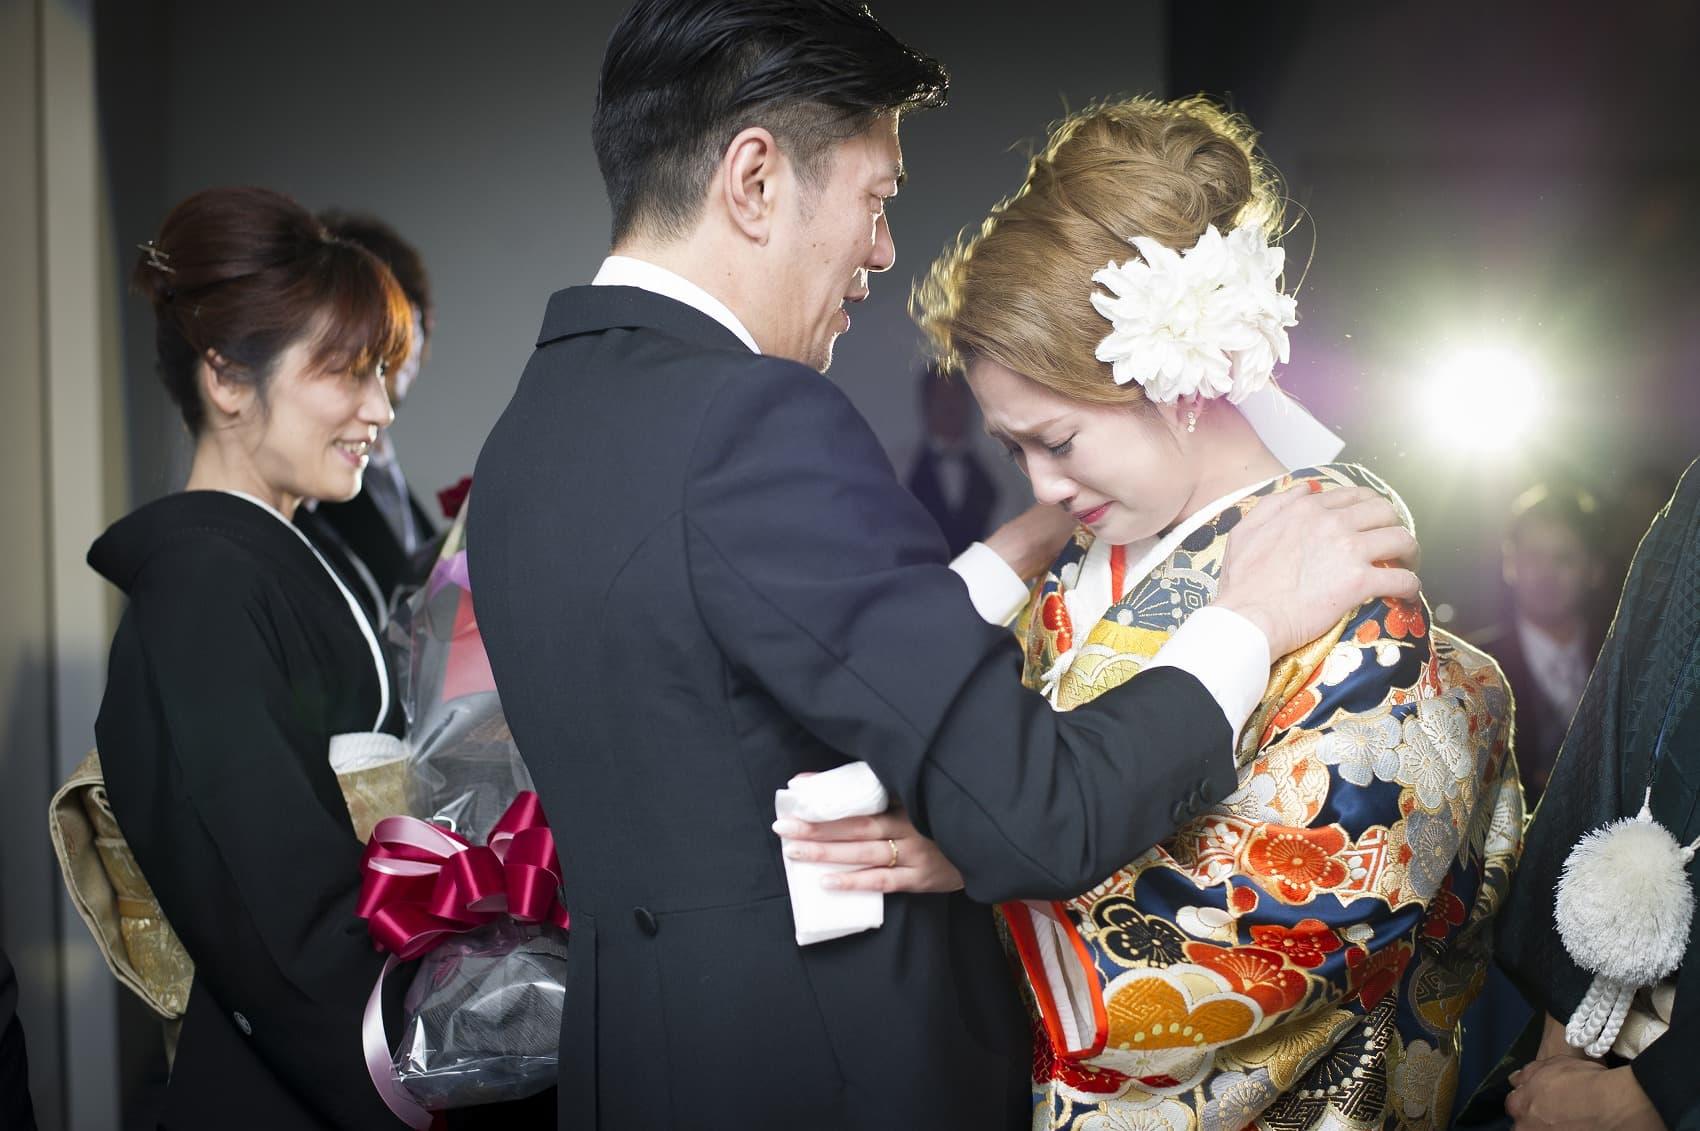 香川県高松市の結婚式場シェルエメール&アイスタイル 花束贈呈